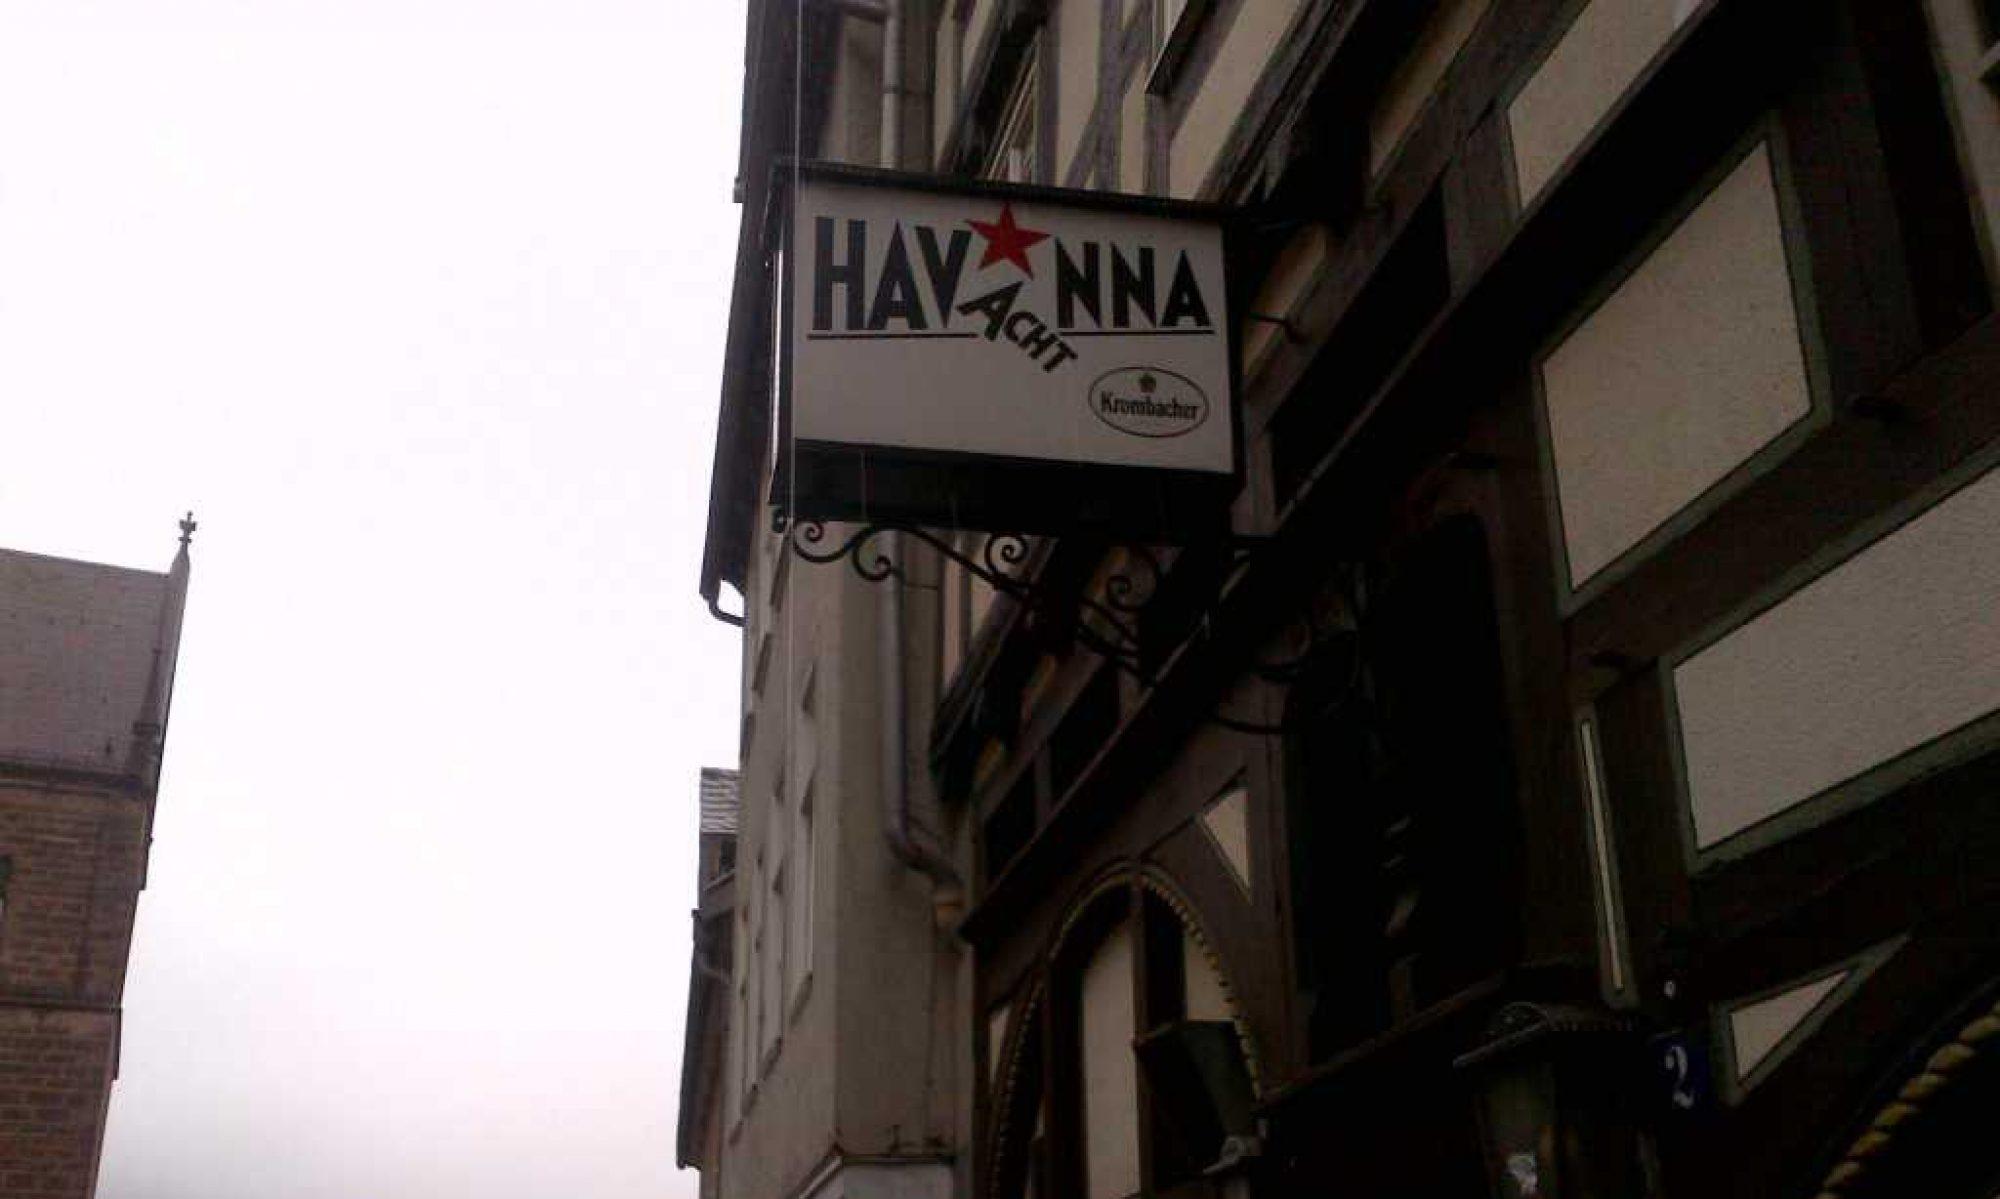 Das Havanna8 bleibt!